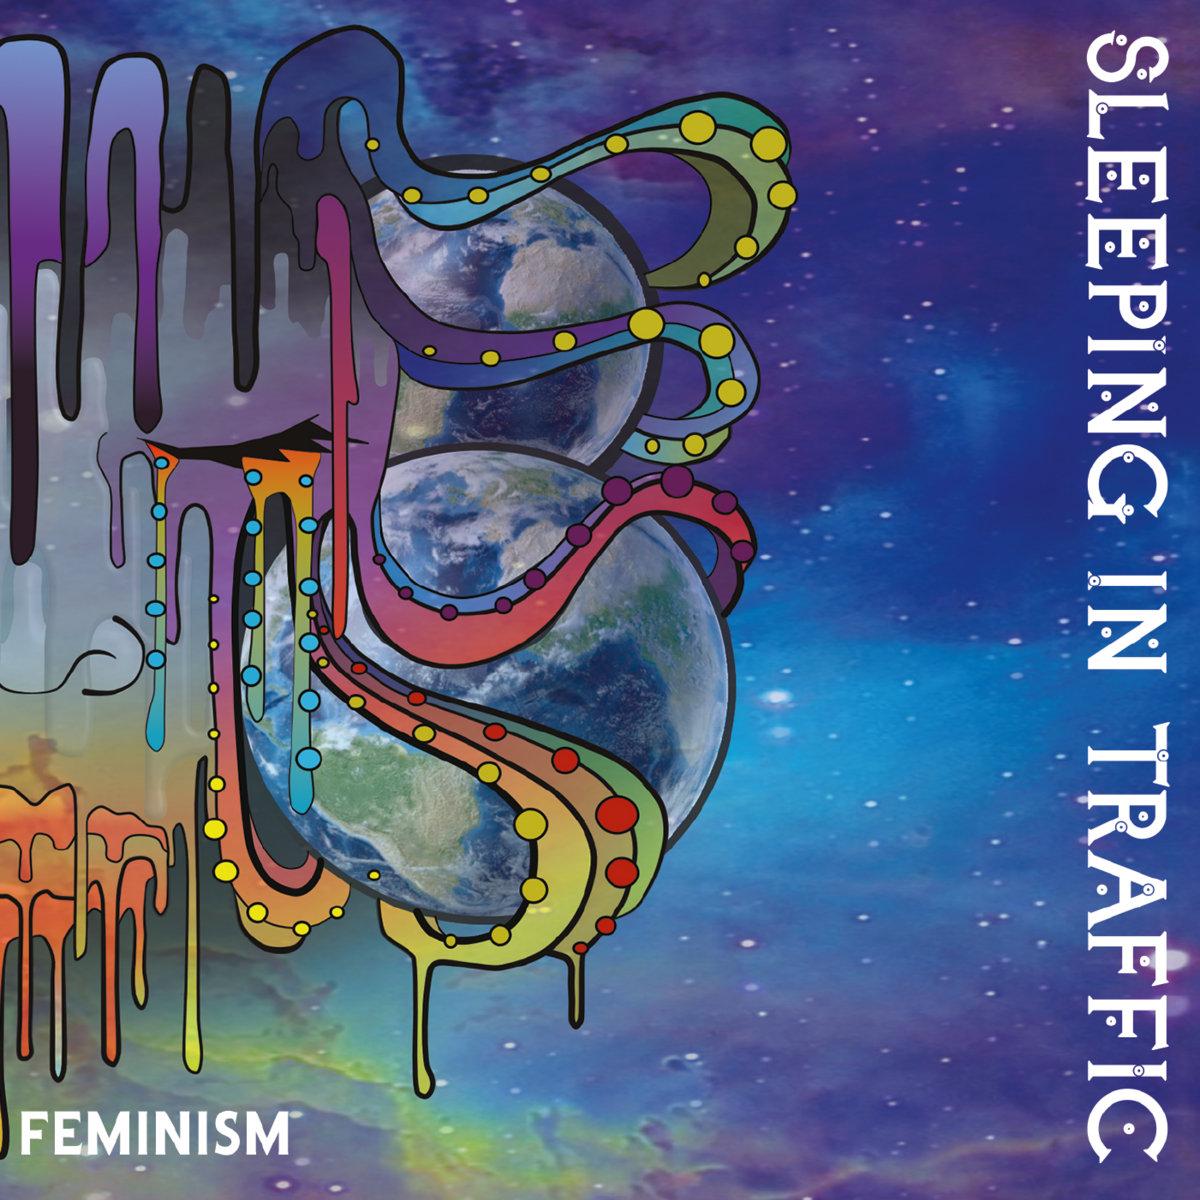 www.facebook.com/sleepingintraffic